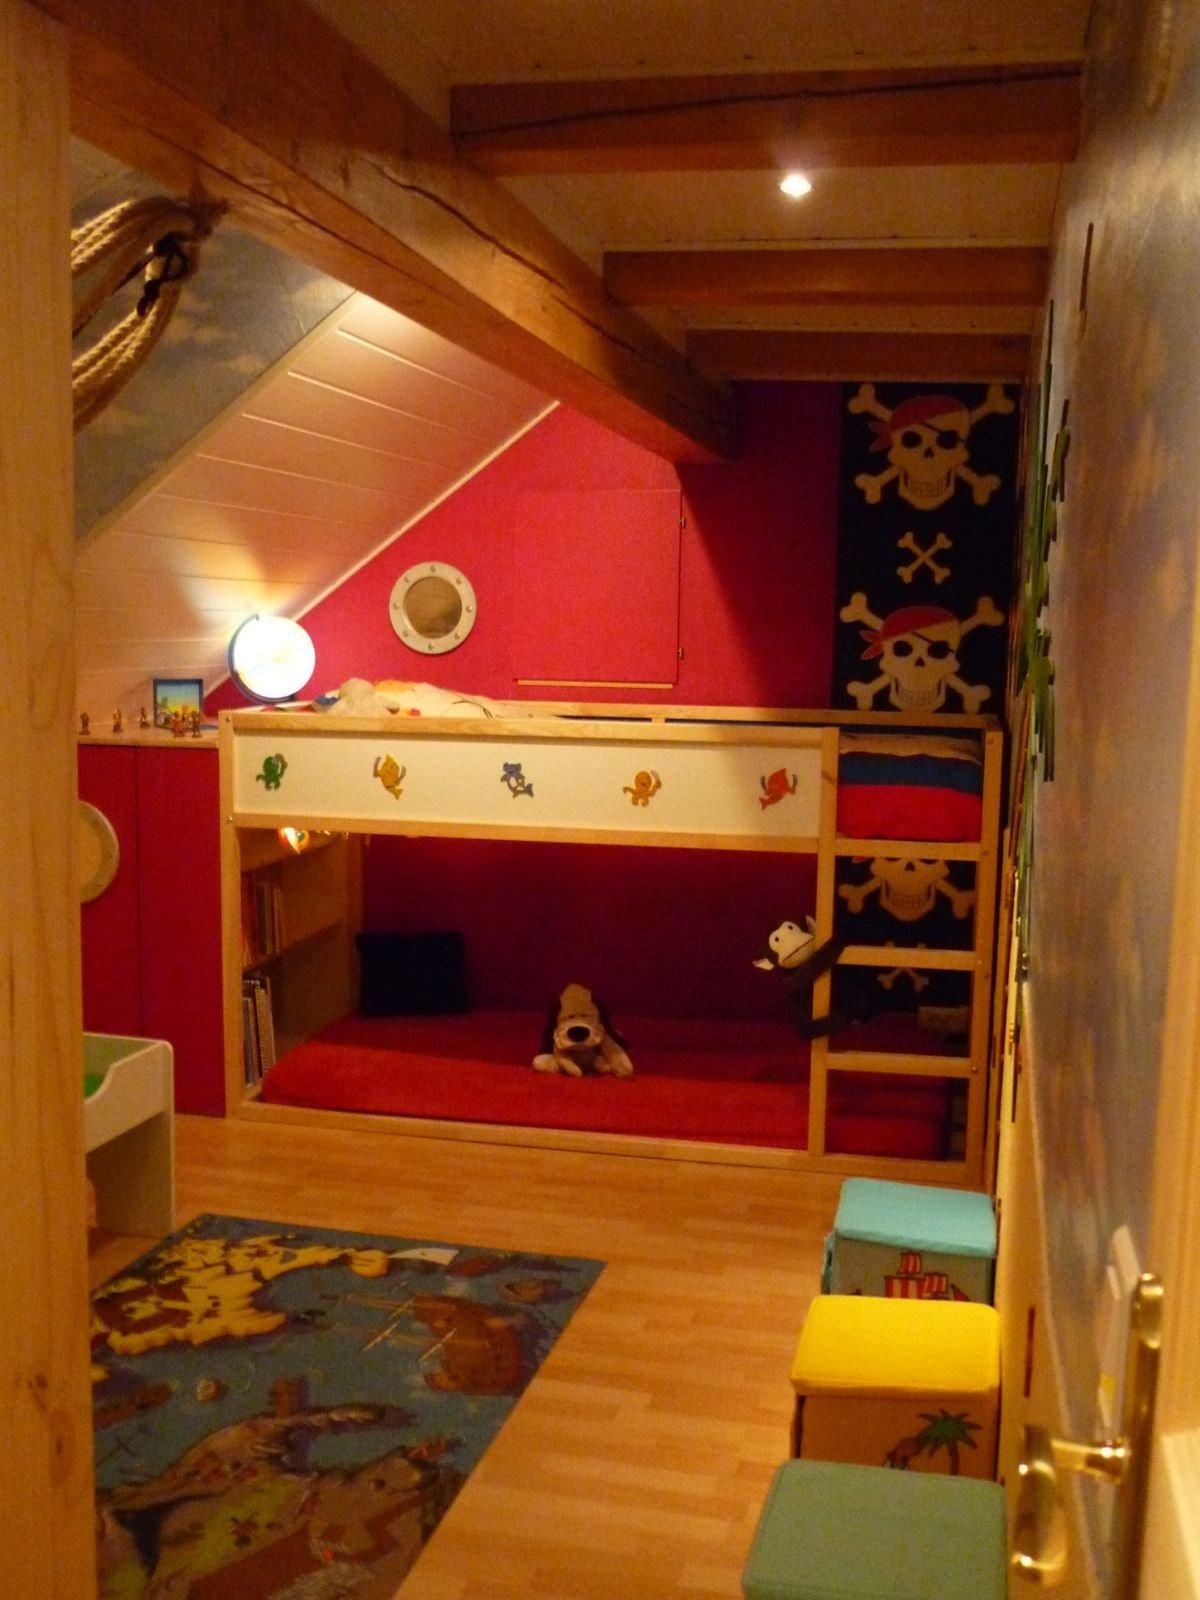 Bienvenue deco chambre enfant for Decoration chambre garcon 4 ans